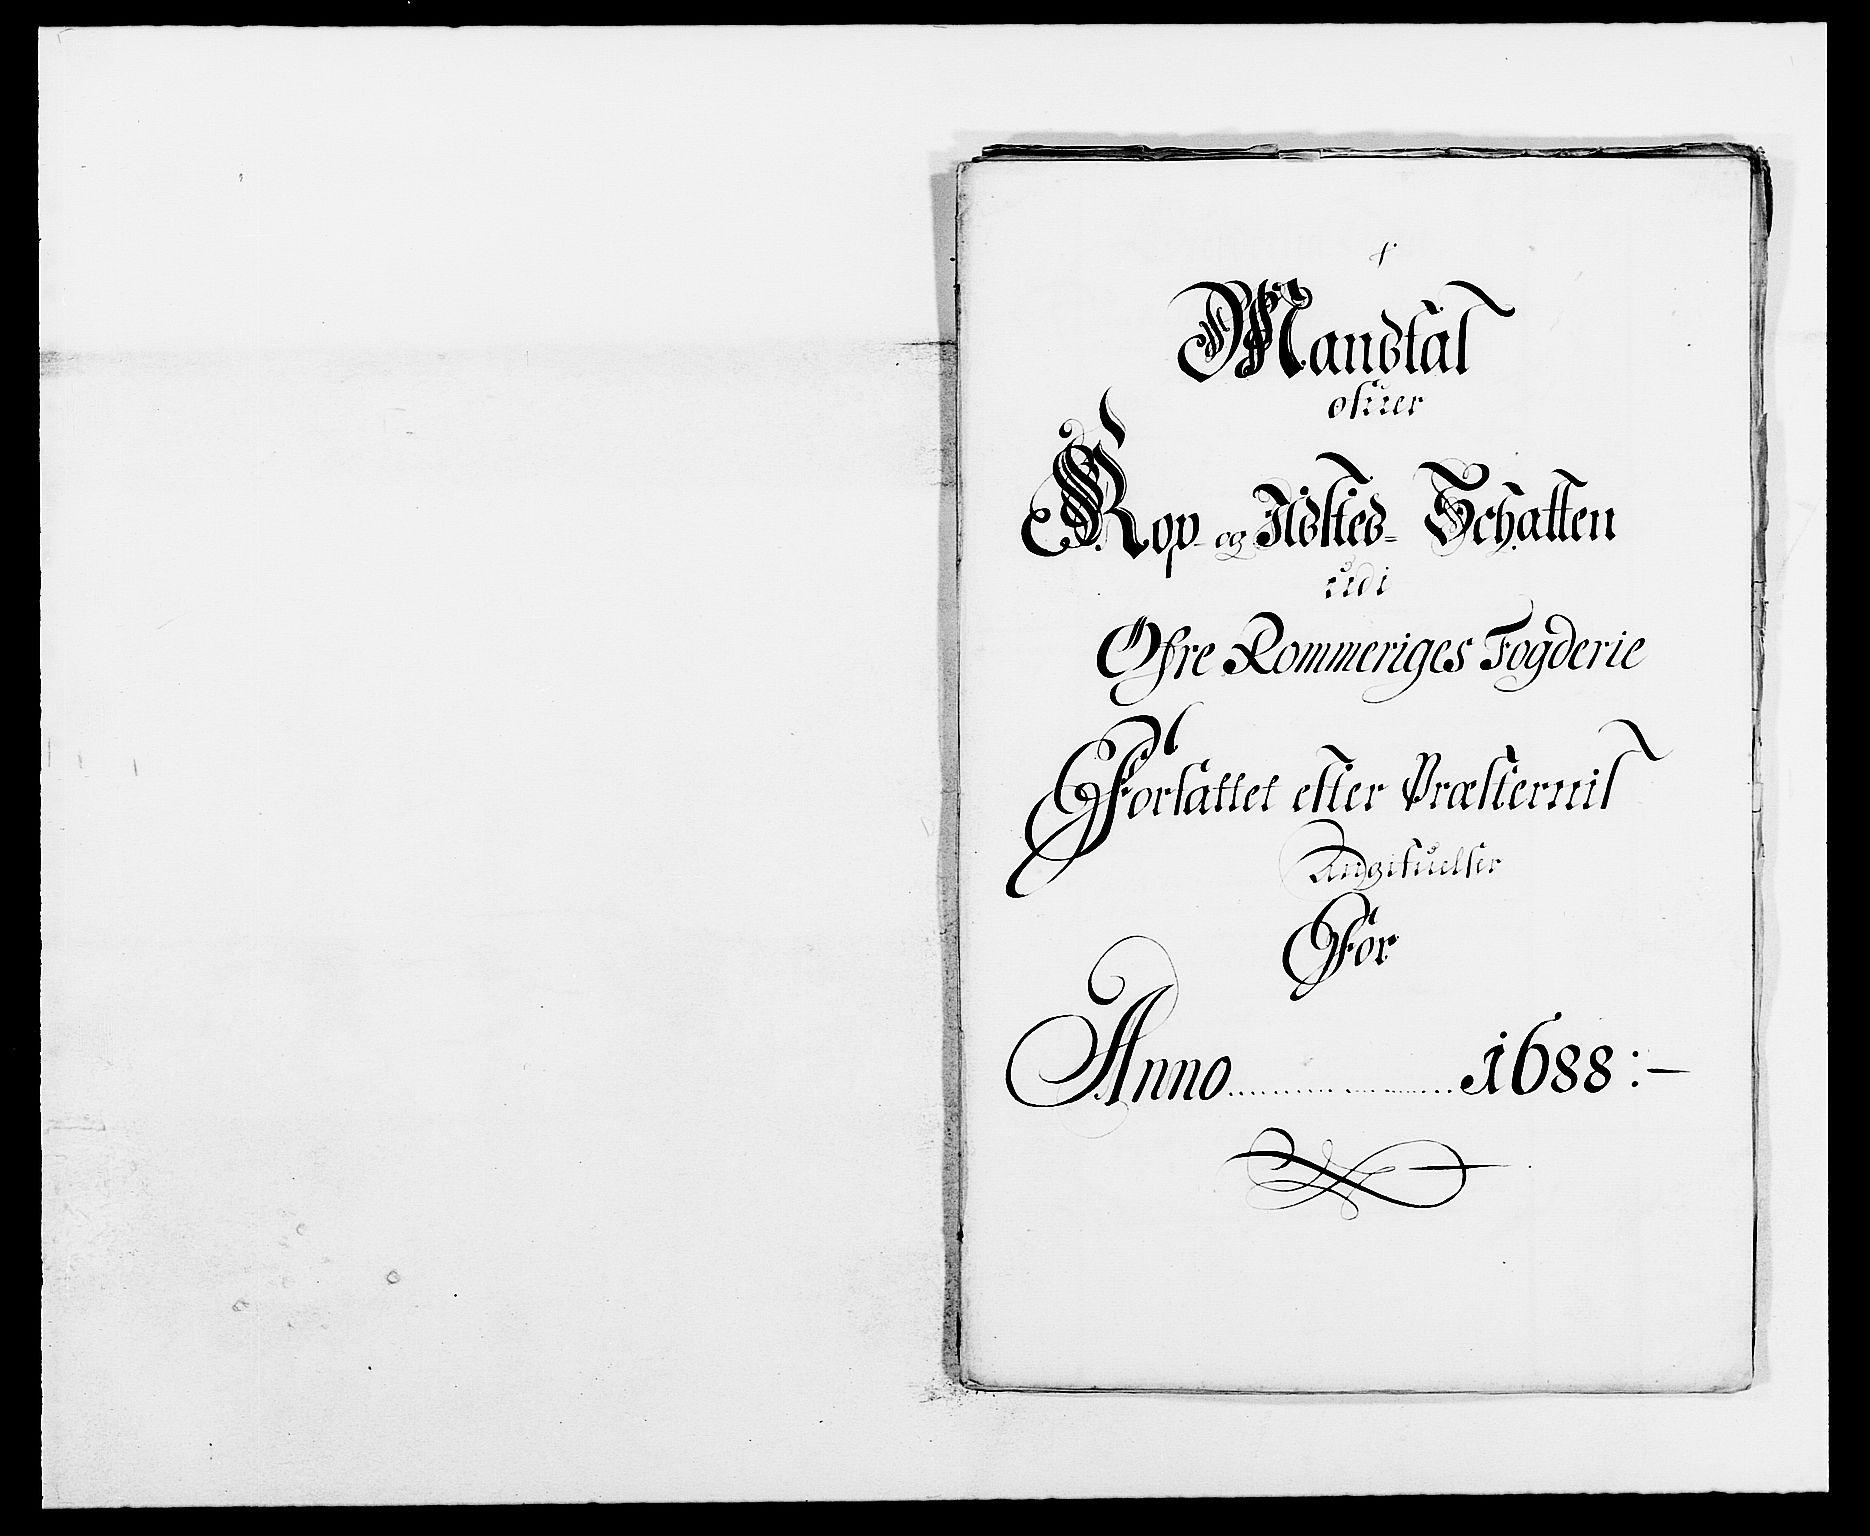 RA, Rentekammeret inntil 1814, Reviderte regnskaper, Fogderegnskap, R12/L0700: Fogderegnskap Øvre Romerike, 1687-1688, s. 406